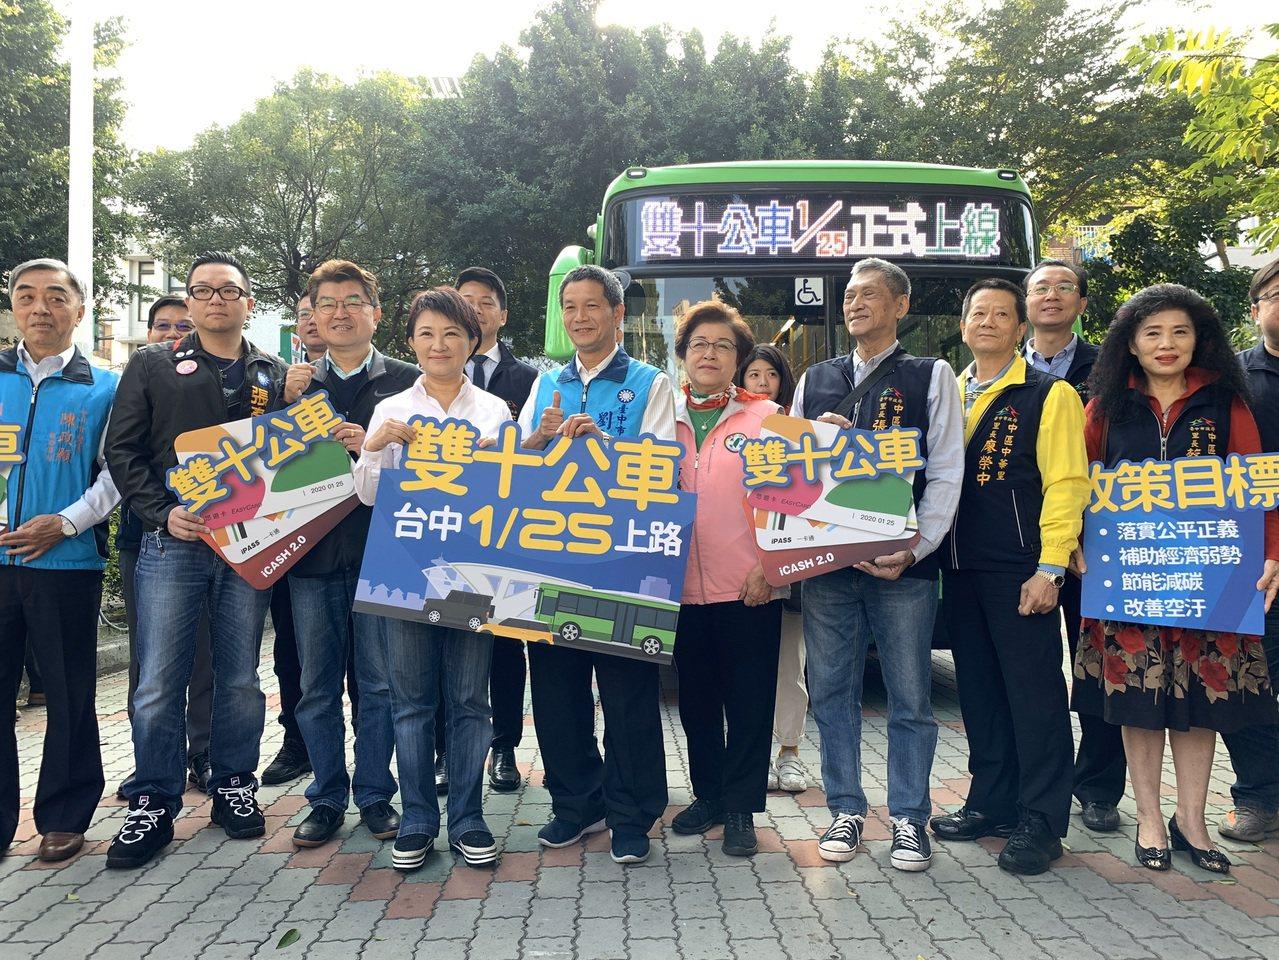 台中市公車免費政策上路至今廣受好評,從8公里延伸到10公里,市長盧秀燕(左四)兌...